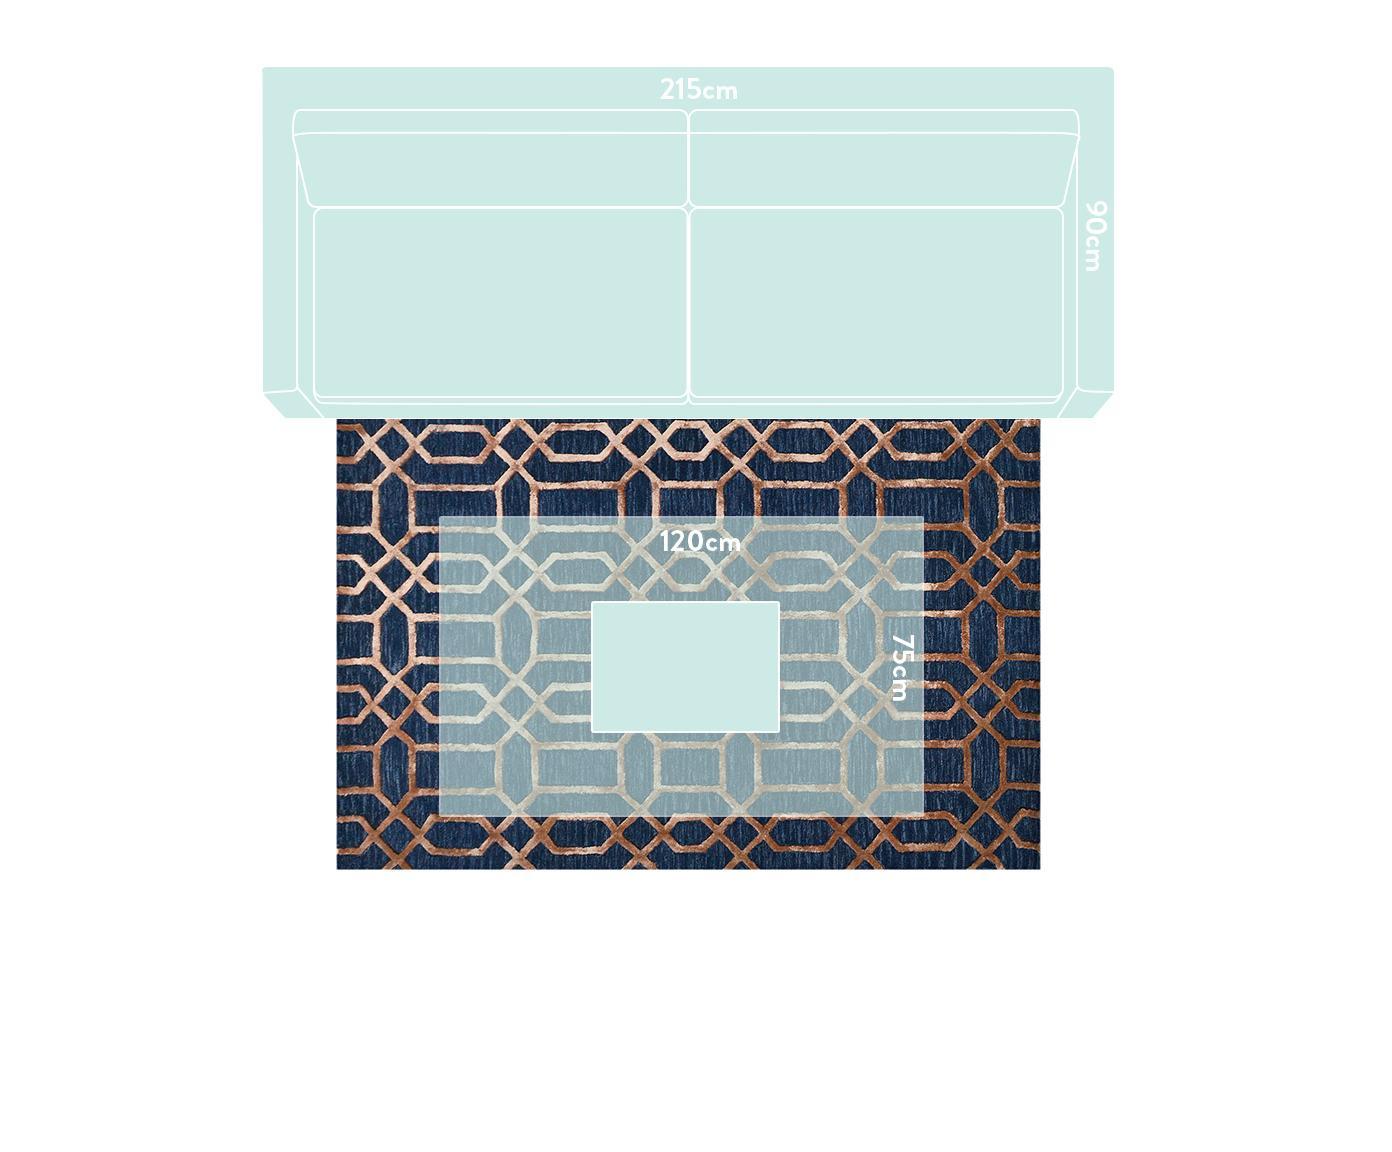 Handgetufteter Wollteppich Vegas mit Hoch-Tief-Effekt, Flor: 80% Wolle, 20% Viskose, Dunkelblau, Braun, B 120 x L 185 cm (Größe S)